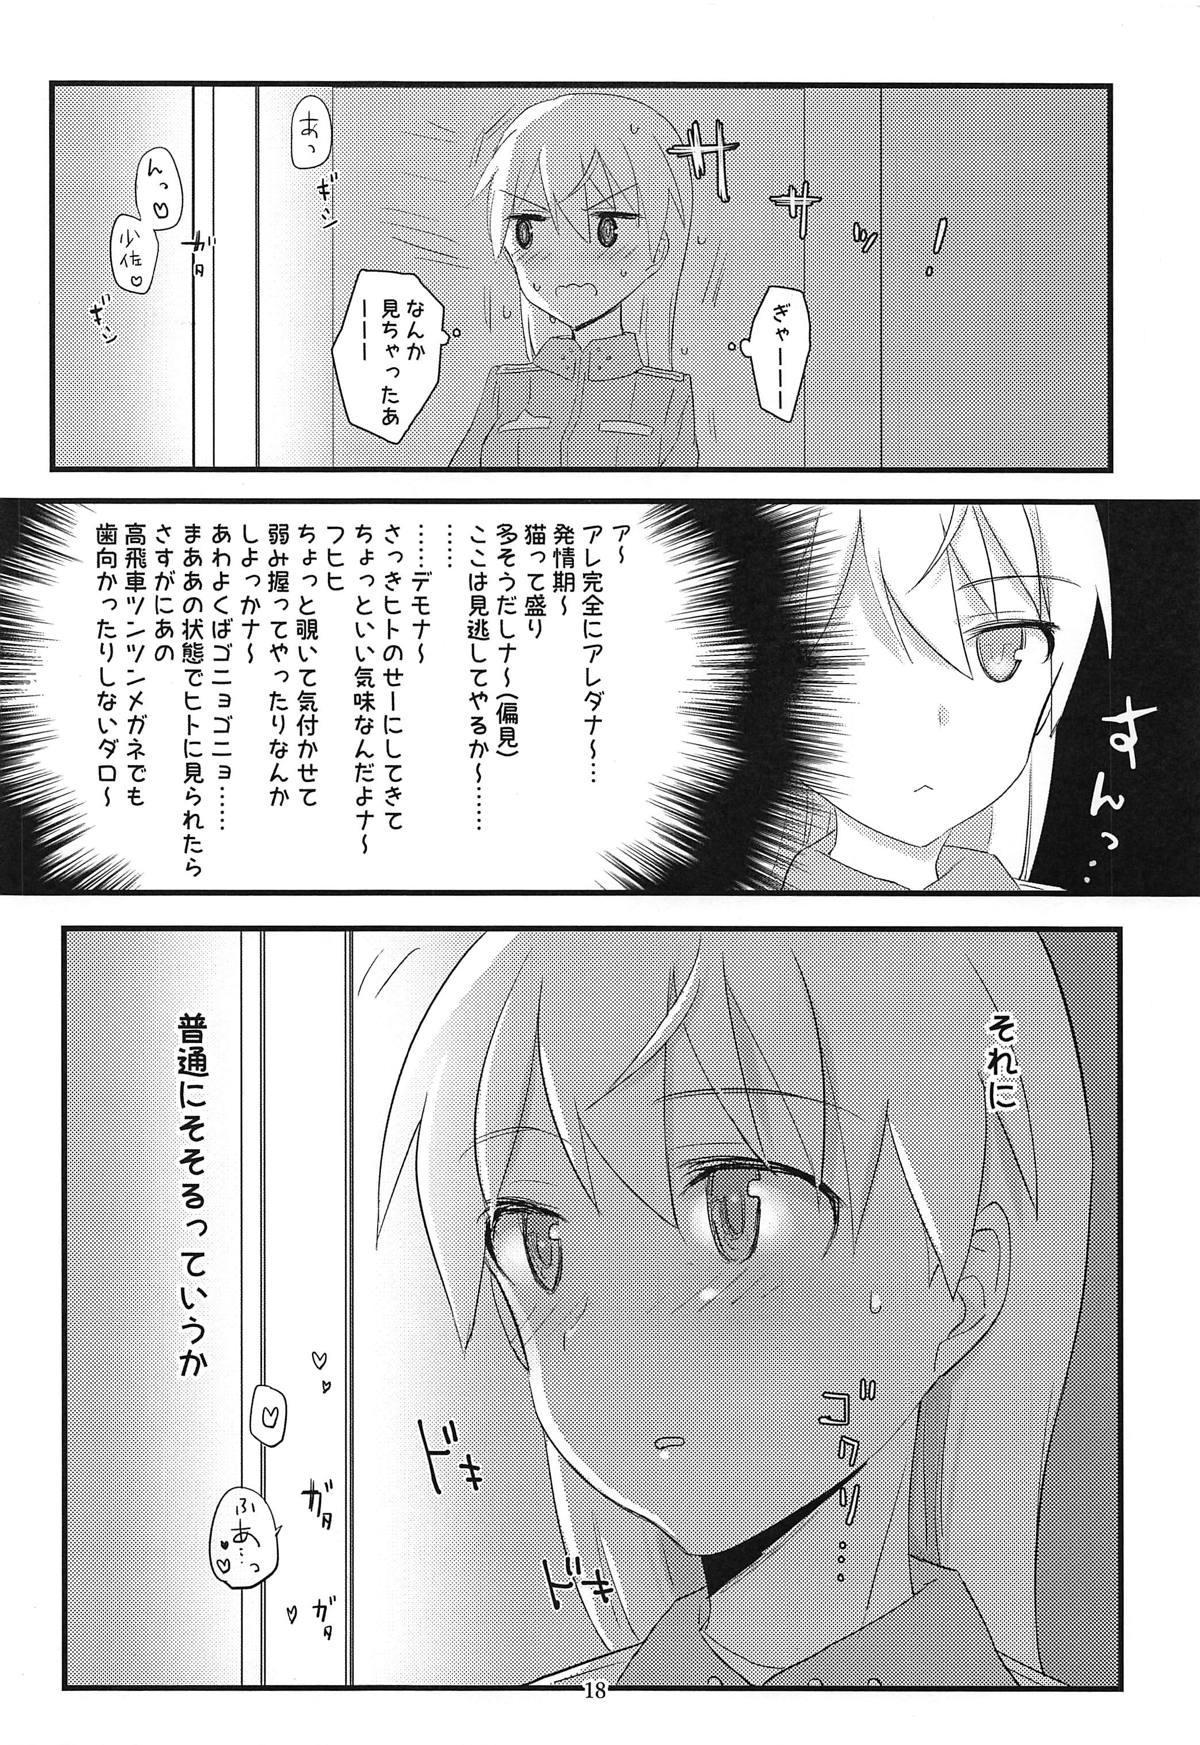 Perrine-san to Tsukue no Kado 16